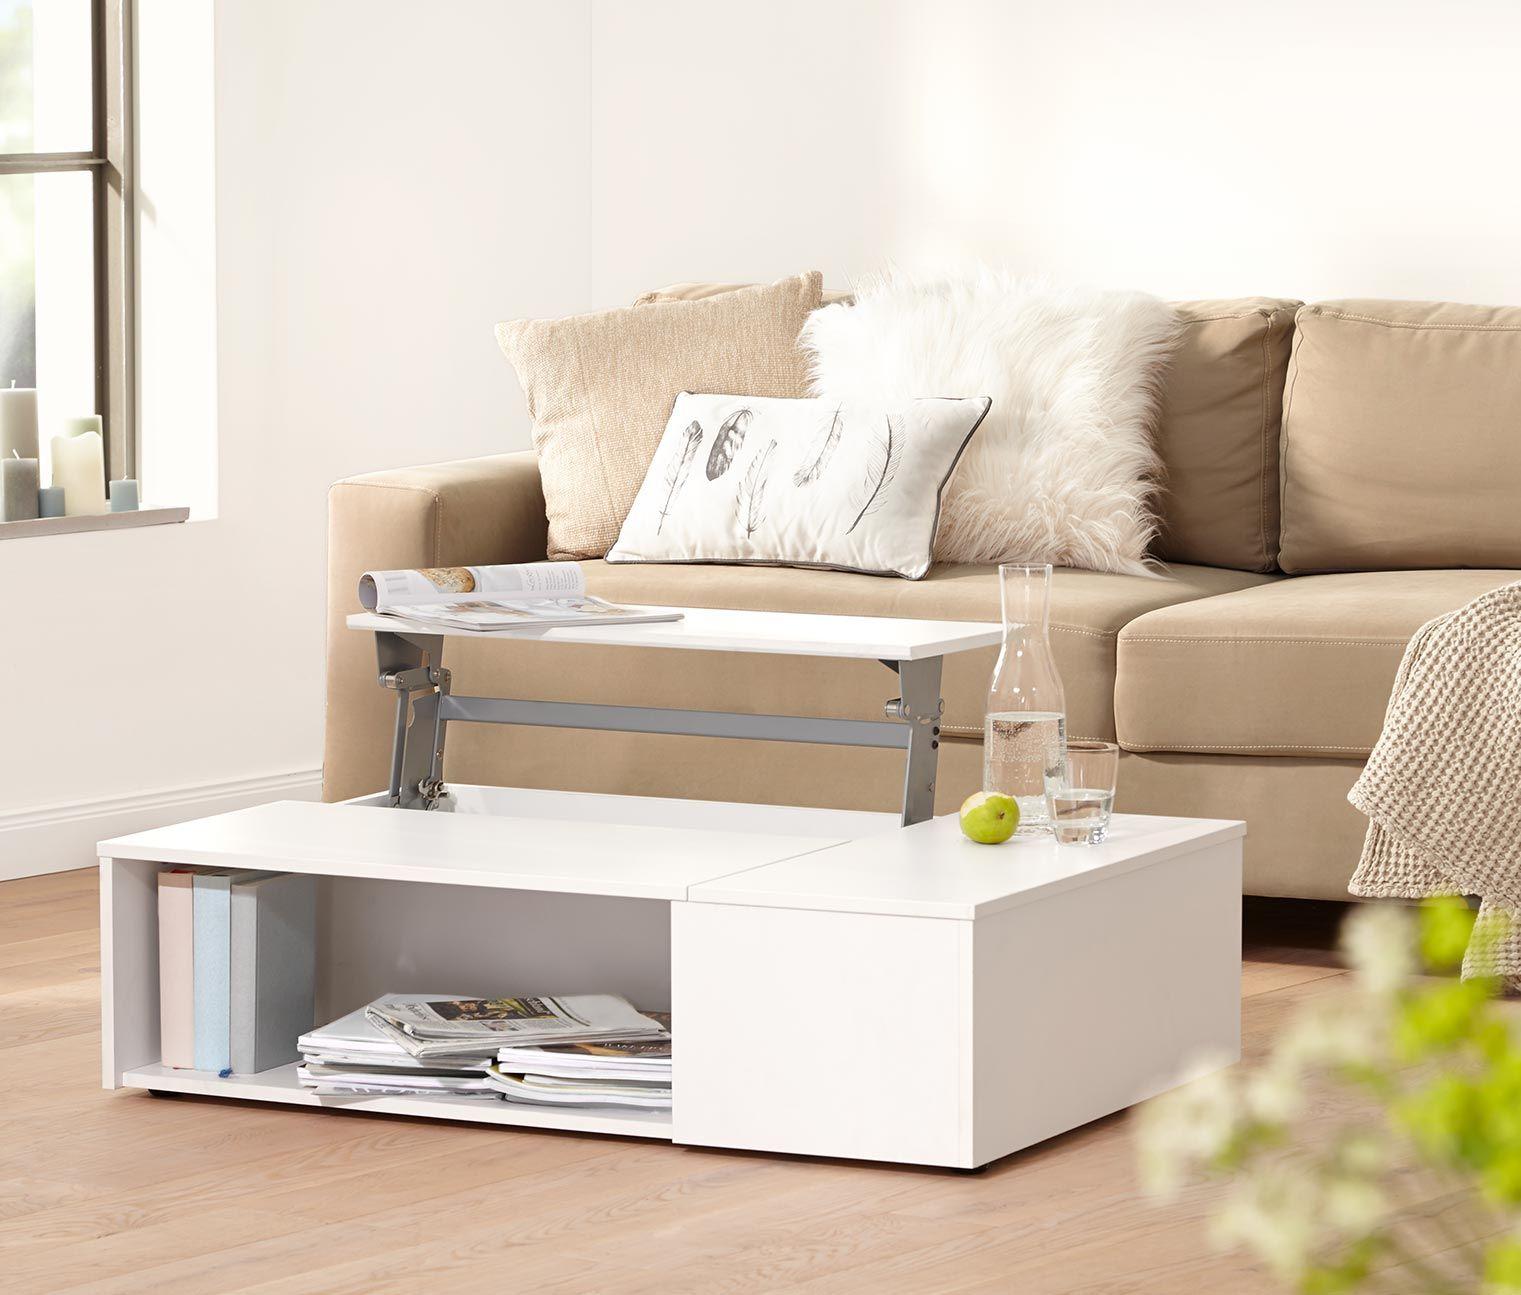 platzsparend ideen seats and sofas online shop, funktions-couchtisch, weiß/eiche | ideen wohnzimmer | pinterest, Innenarchitektur